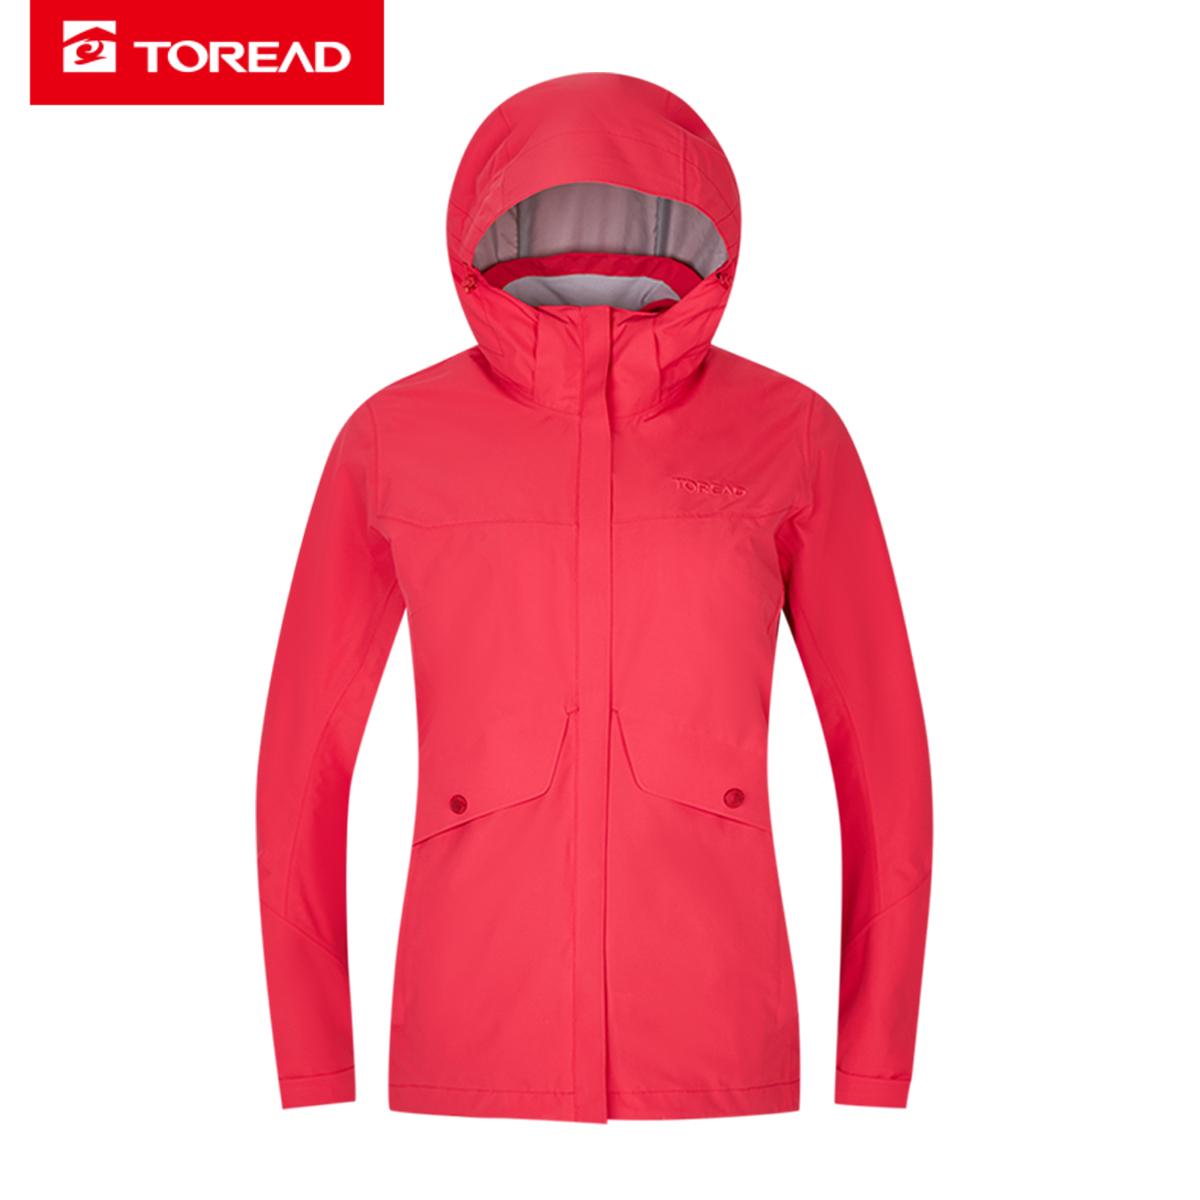 探路者冲锋衣 19秋冬户外女式保暖防水套抓绒冲锋衣TAWH92172